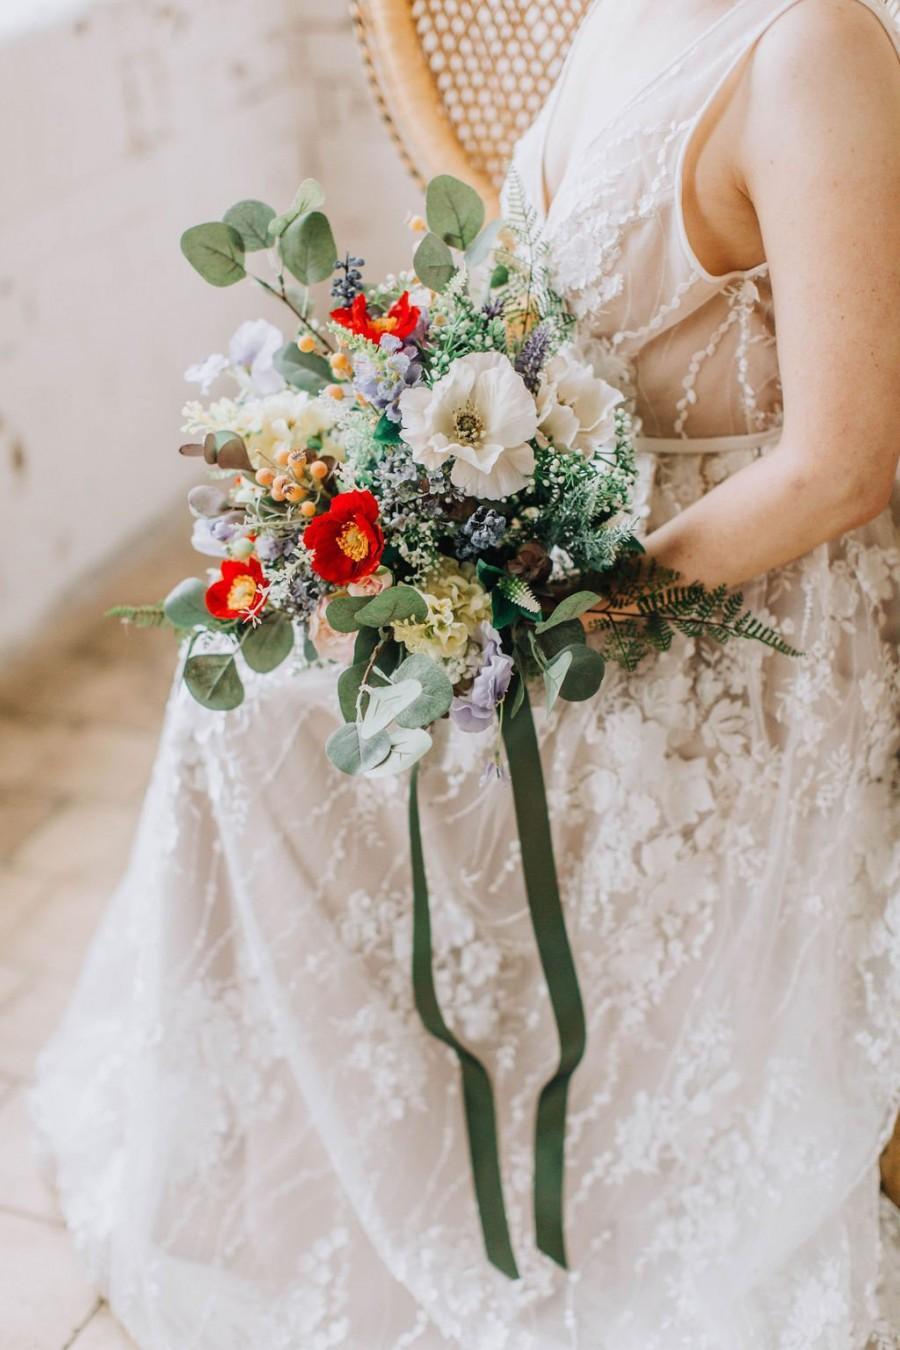 Mariage - wildflower bouquet, Vibrant Bridal Bouquet, Colourful Wedding Bouquet, Large Bouquet, freeform wild flowers